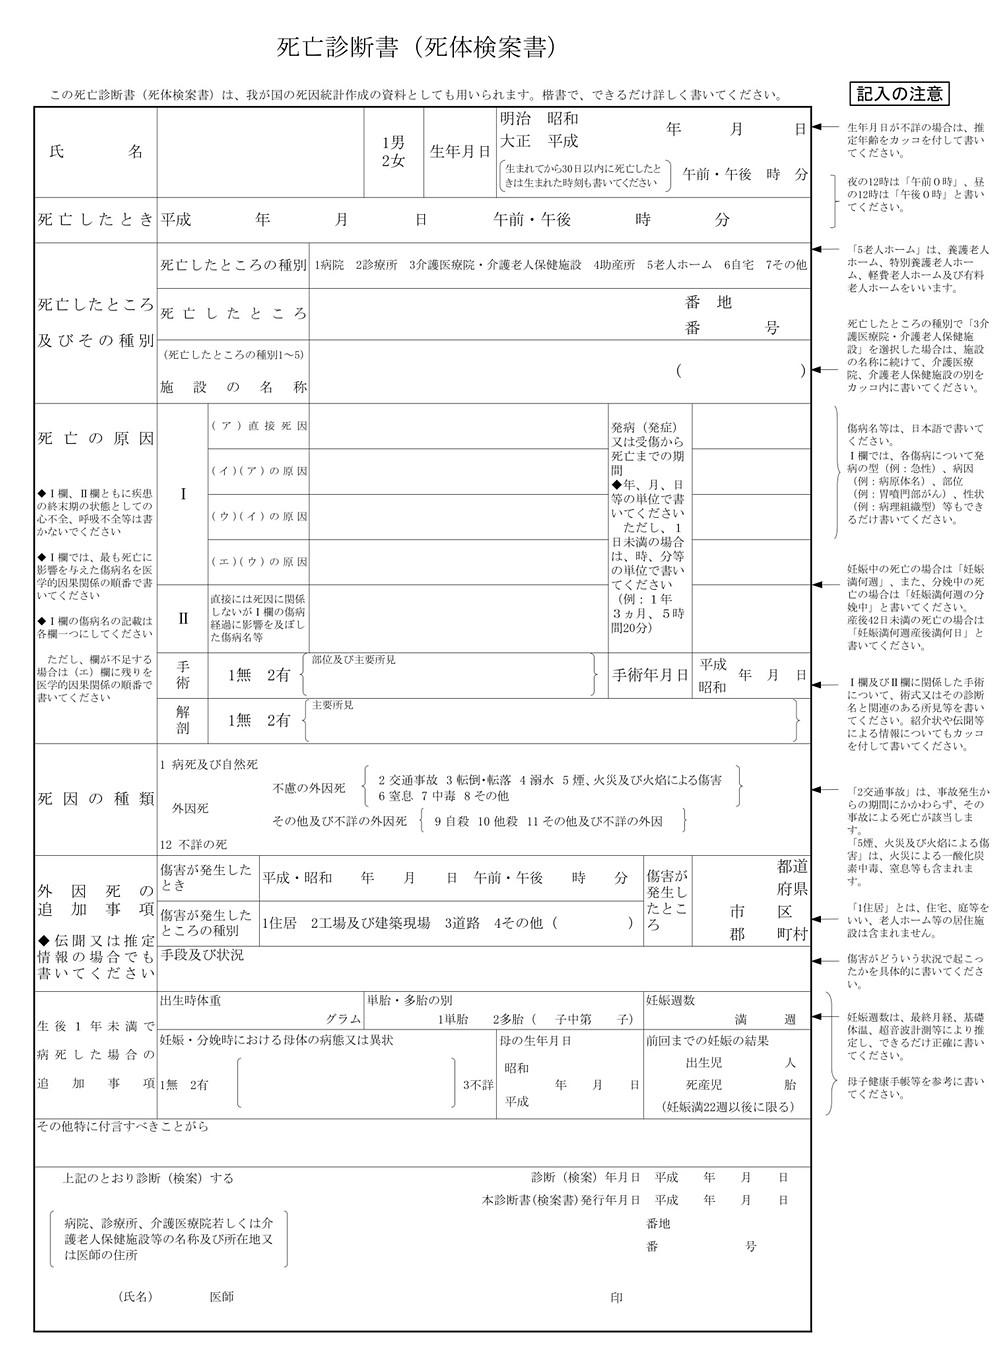 死亡診断書イメージ